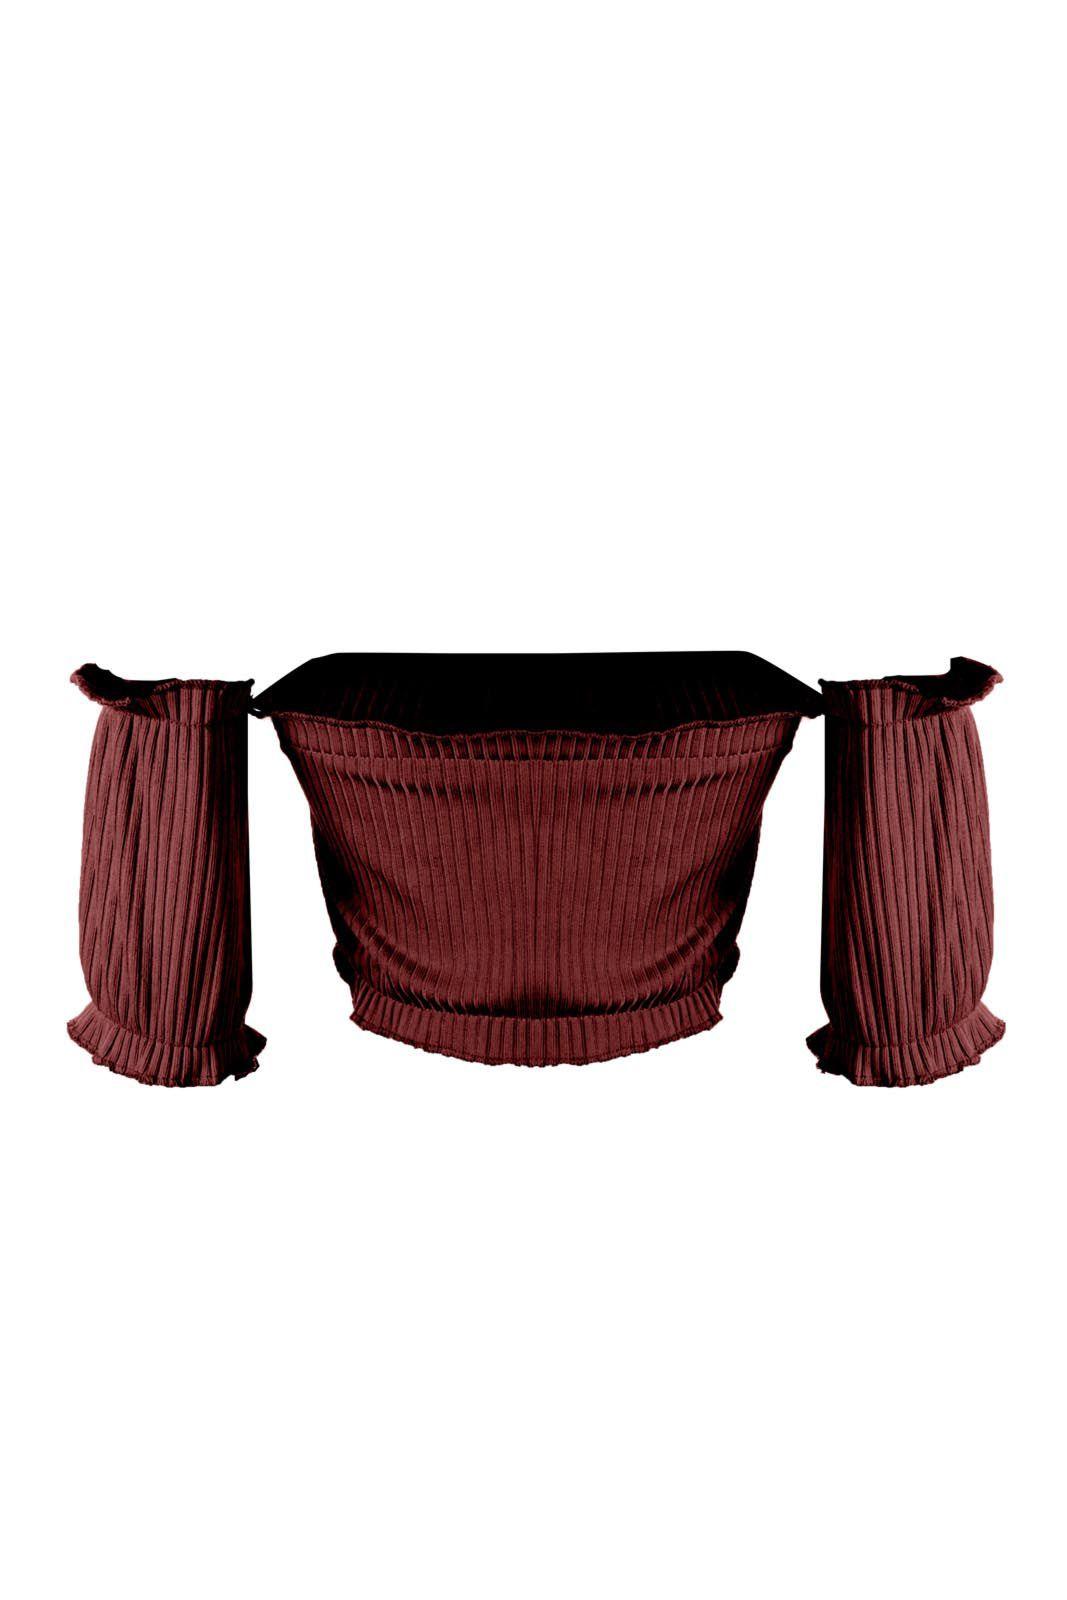 Cropped OutletDri Ribana Canelado Cigana Elástico Vermelho Escuro